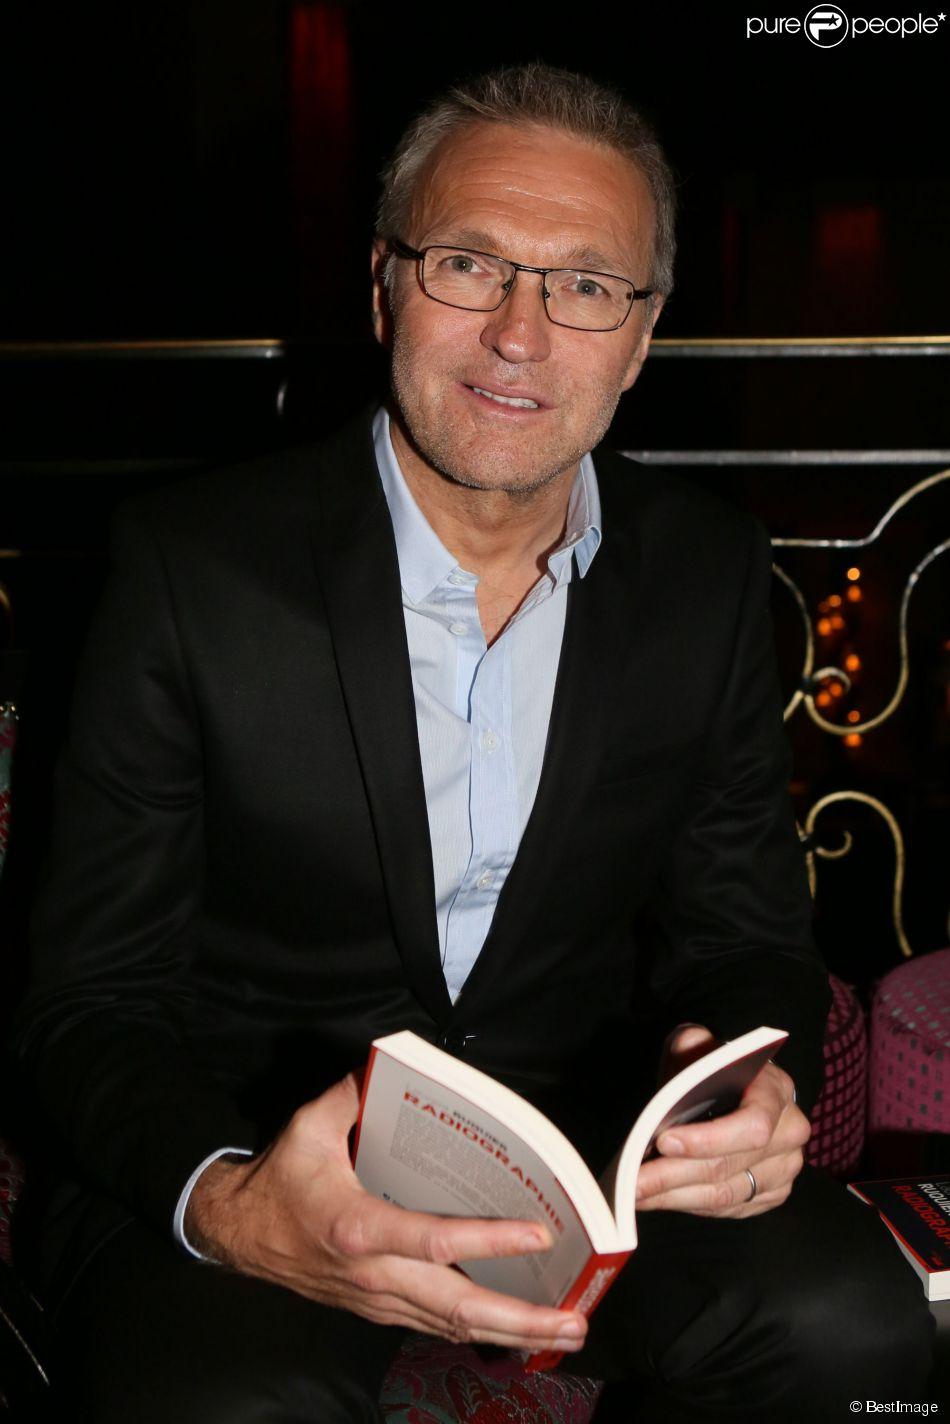 """Exclusif - Laurent Ruquier - Soirée de lancement du livre """"Radiographie"""" de Laurent Ruquier au Buddha-Bar à Paris, le 16 juin 2014."""